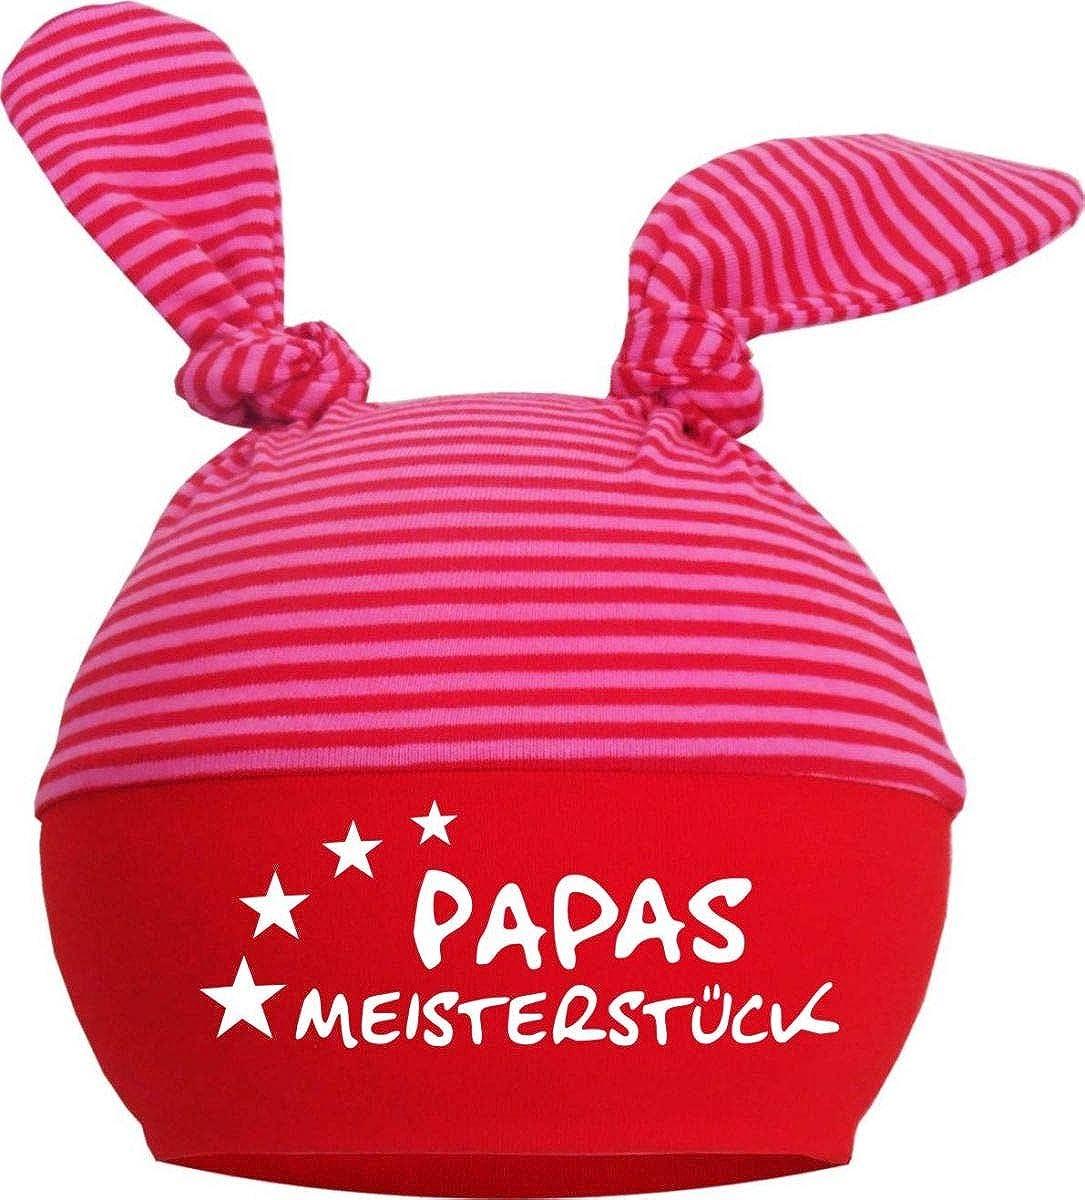 KLEINER FRATZ 2-Zipfel M/ütze Baby Kinder Jungen M/ädchen Babym/ütze Hat Papas Meisterst/ück//FAT